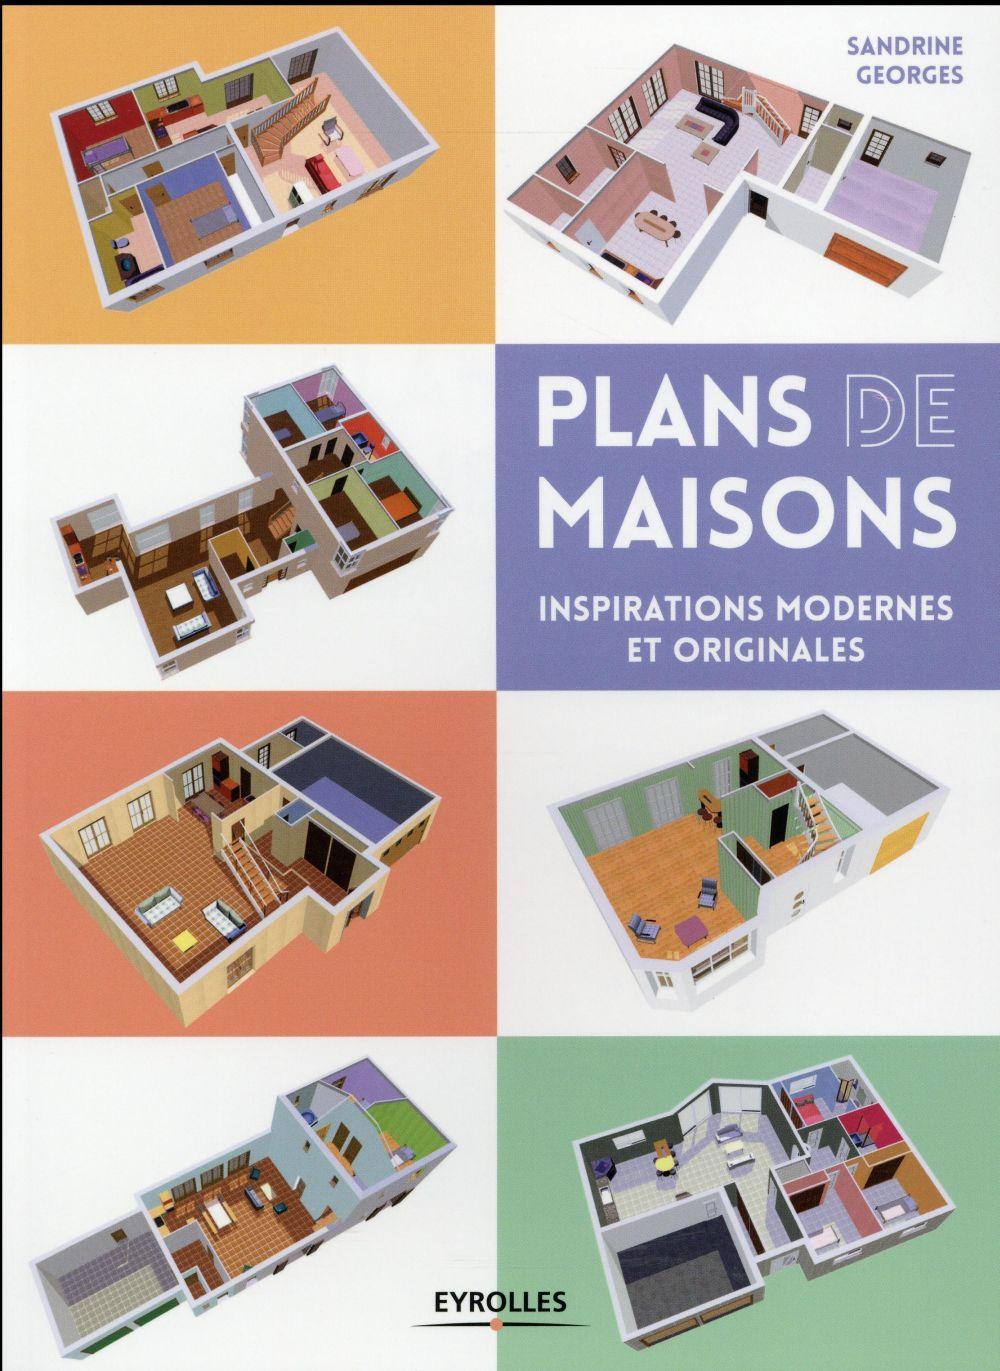 Plans De Maisons ; Inspirations Modernes Et Originales